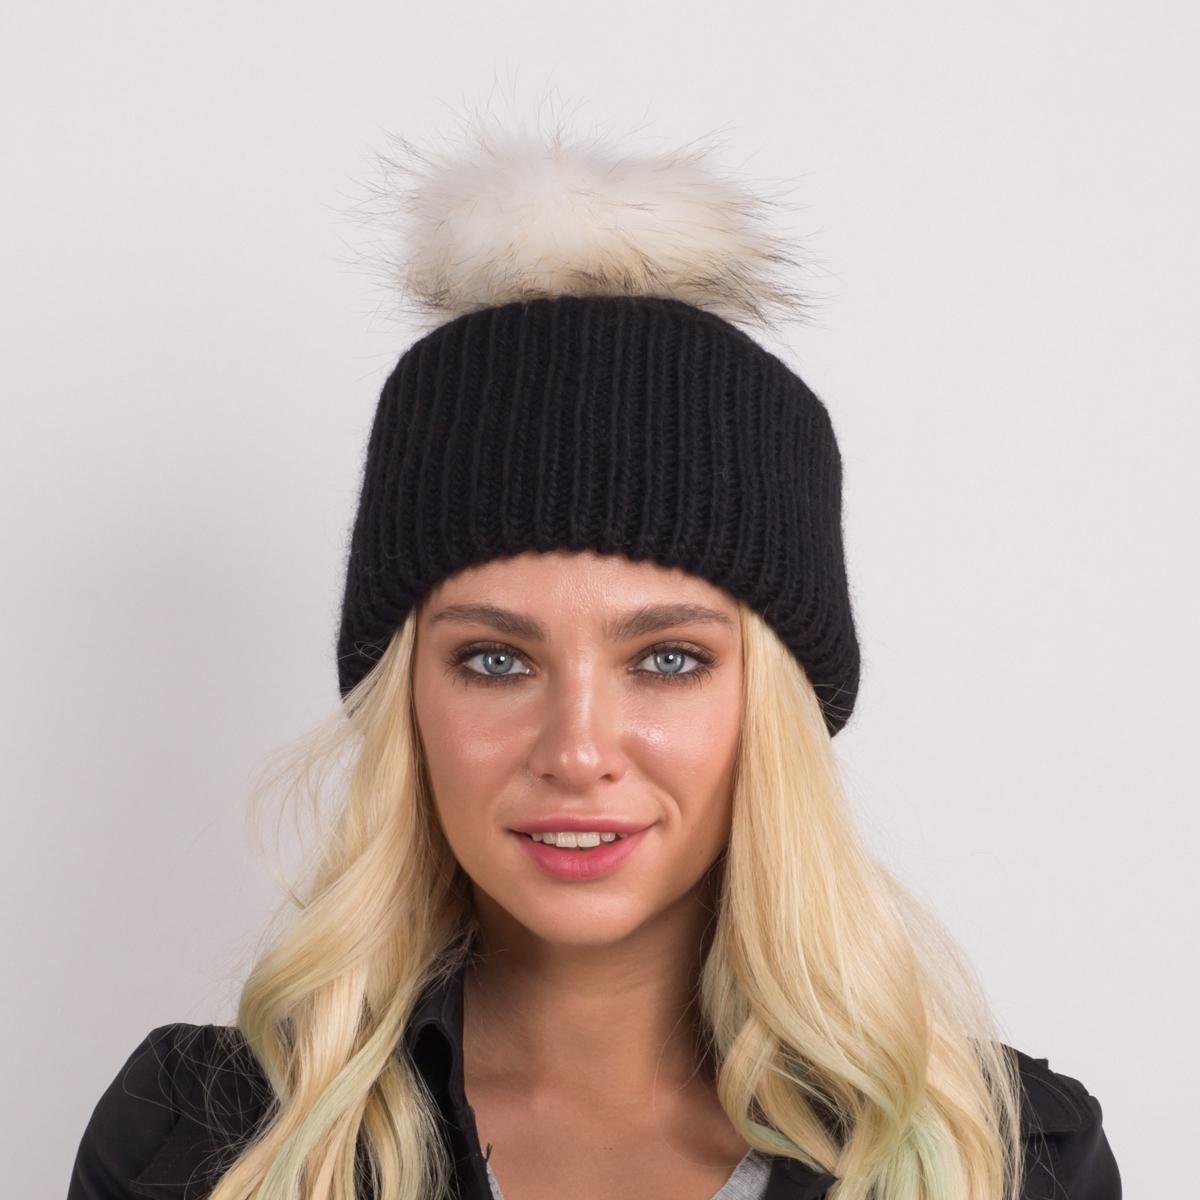 Шапка женская Flioraj, цвет: черный. 314/8 FJ. Размер 56/58314/8 FJТеплая шерстяная шапка от Flioraj, связанная из объемной итальянской пряжи, выполнена модной рельефной вязкой. Отлично защитит от холода. Такую шапочку можно носить с любым видом верхней одежды, достаточно только определиться с цветом. Модель дополнена меховым помпоном.